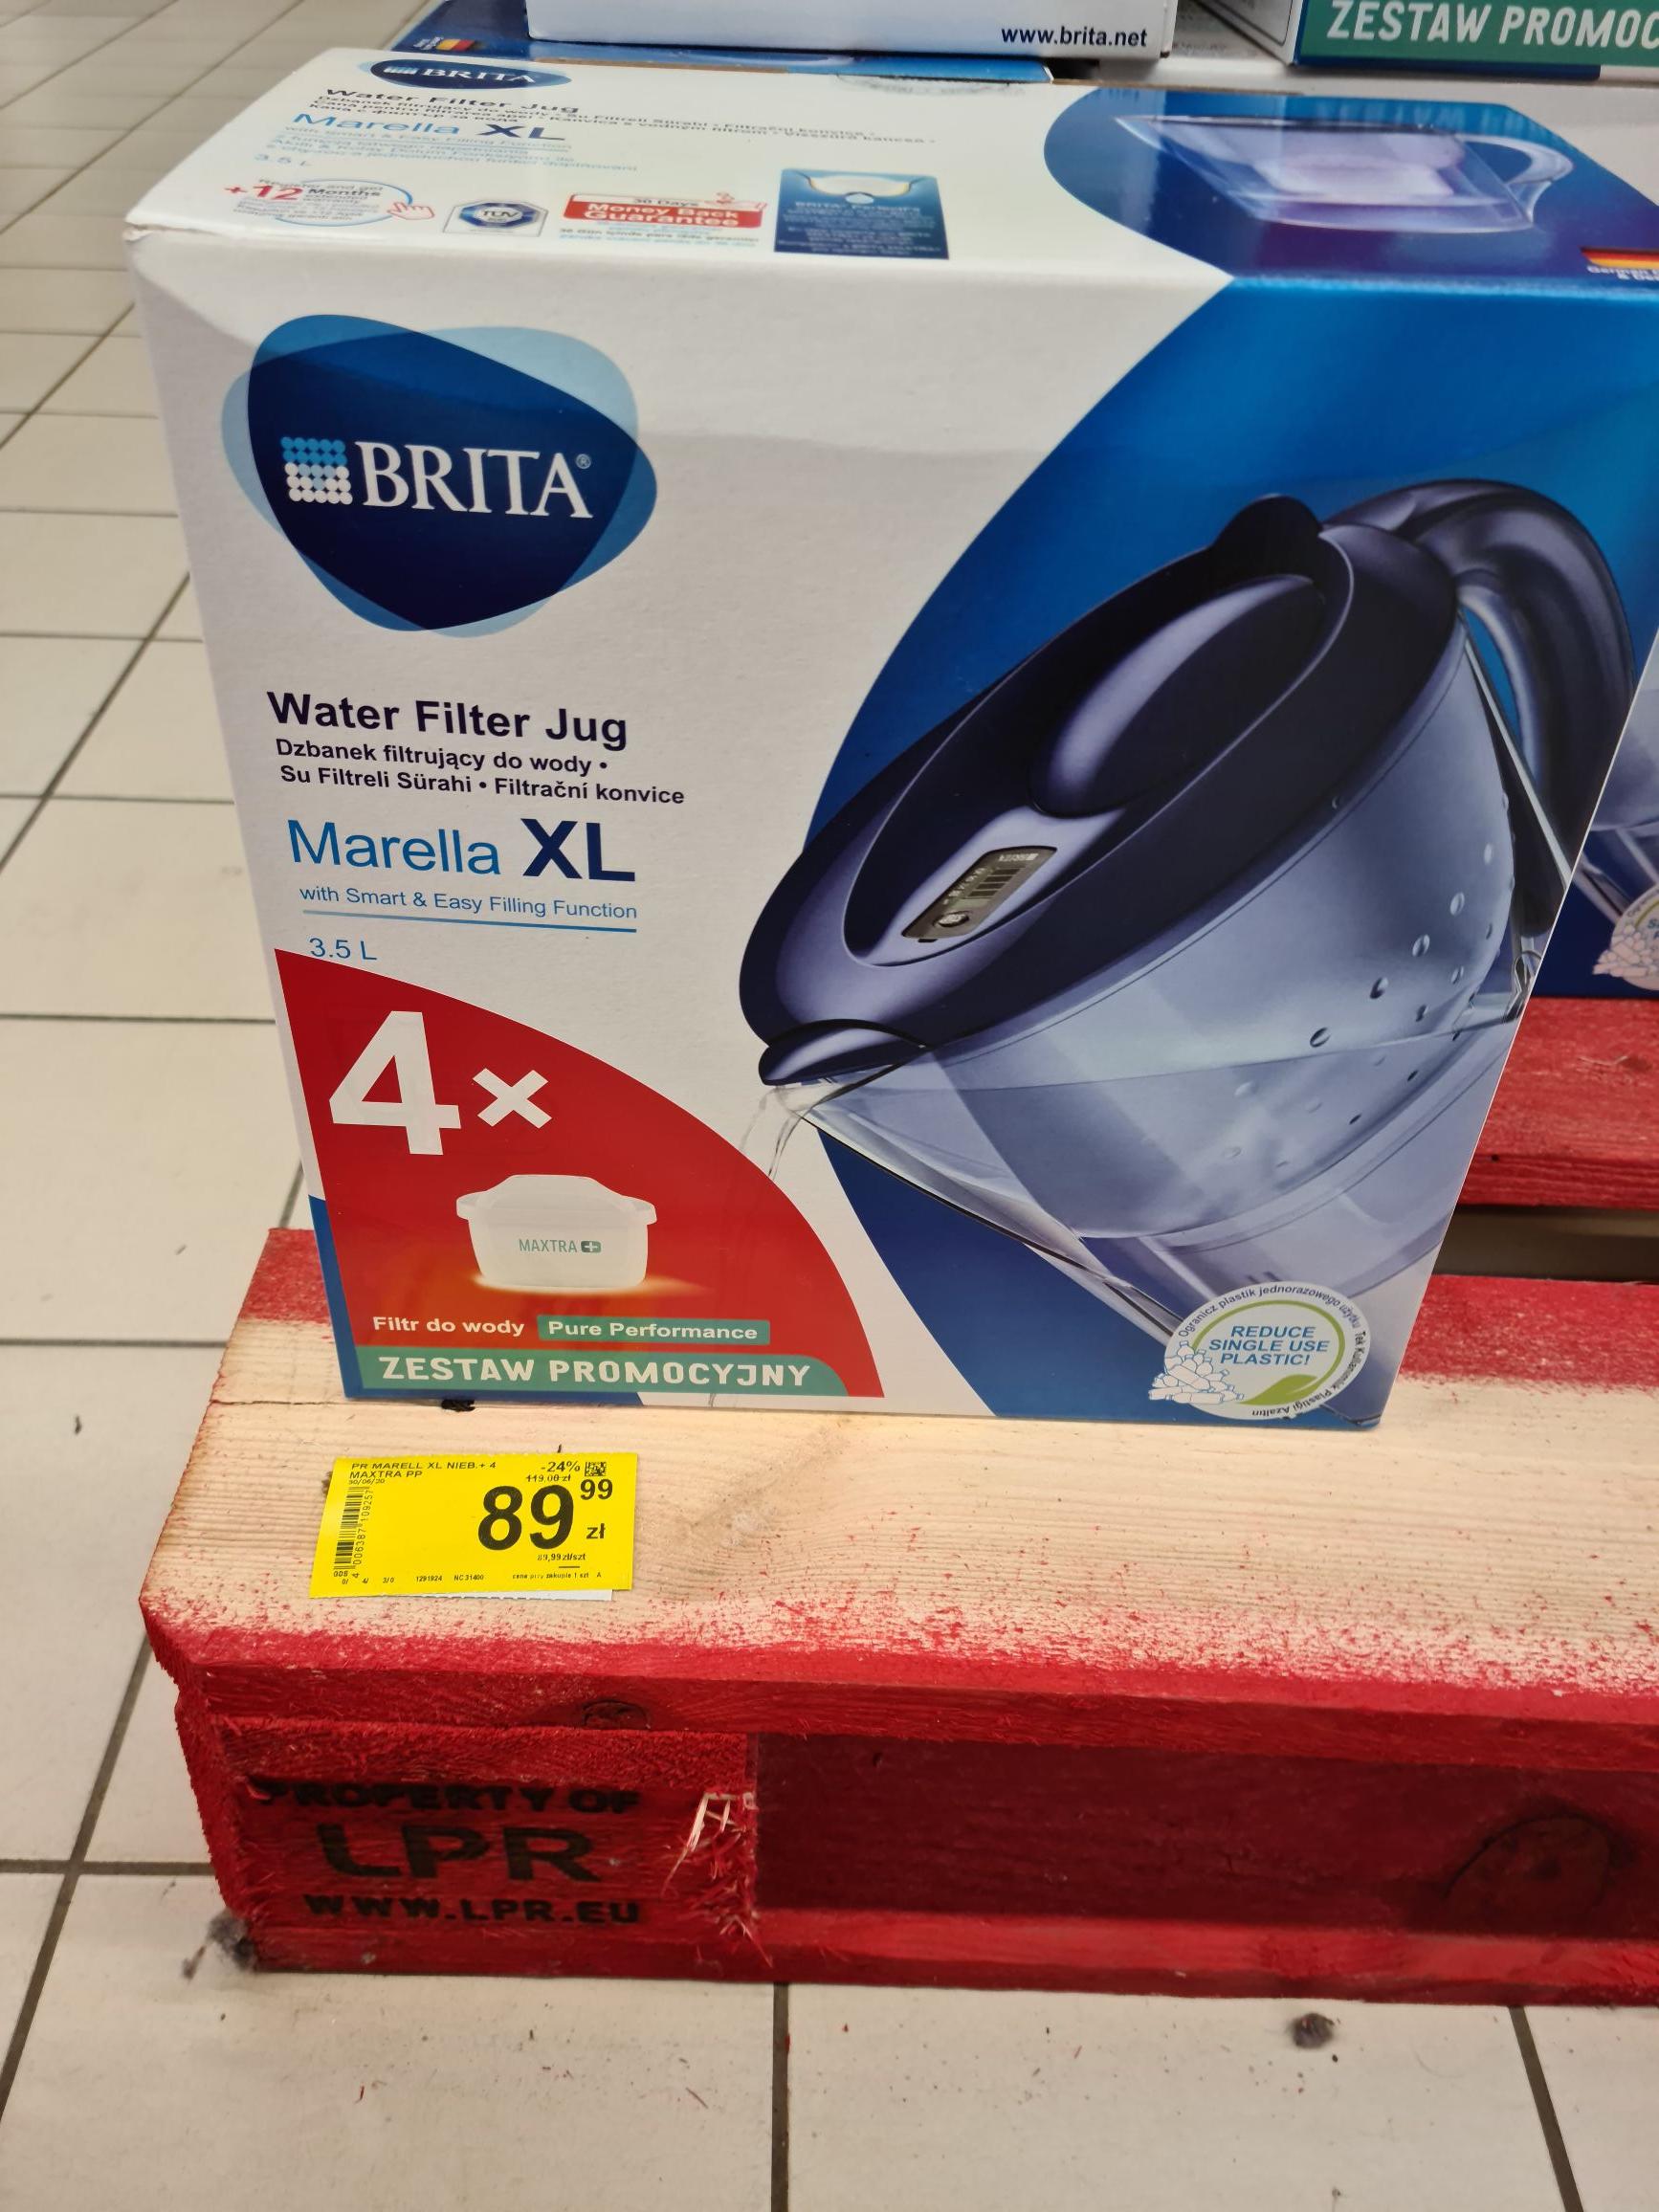 Brita marella XL 3.5L + 4 filtry